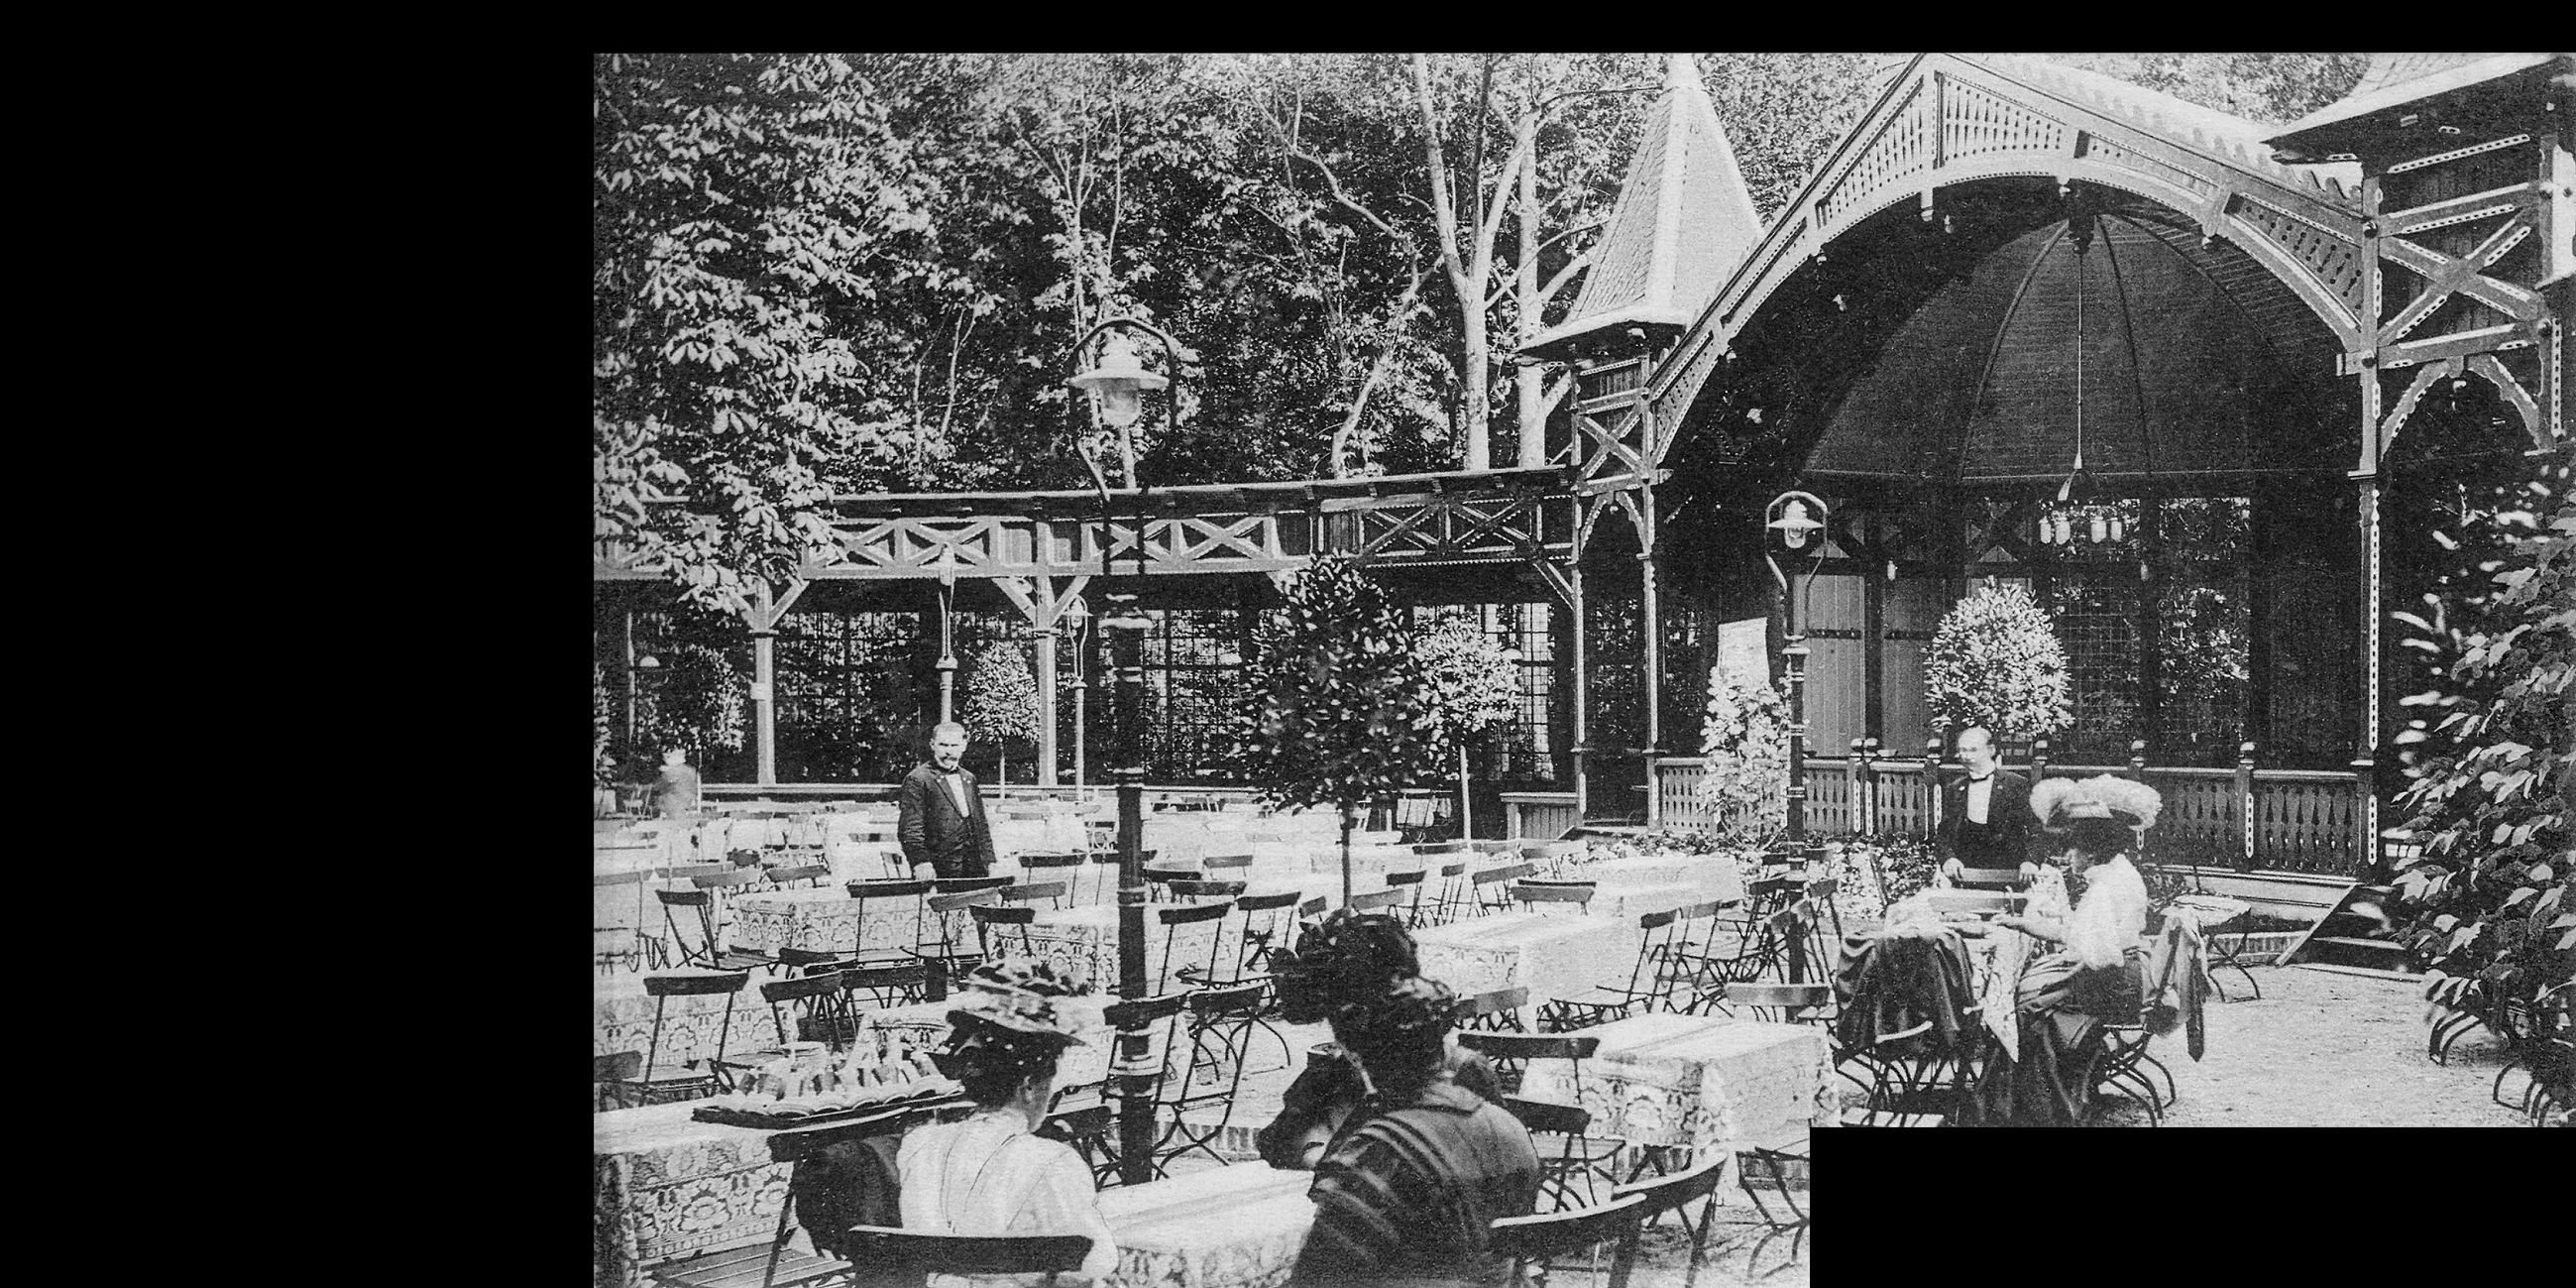 Cafehausgarten, Laterne mittig